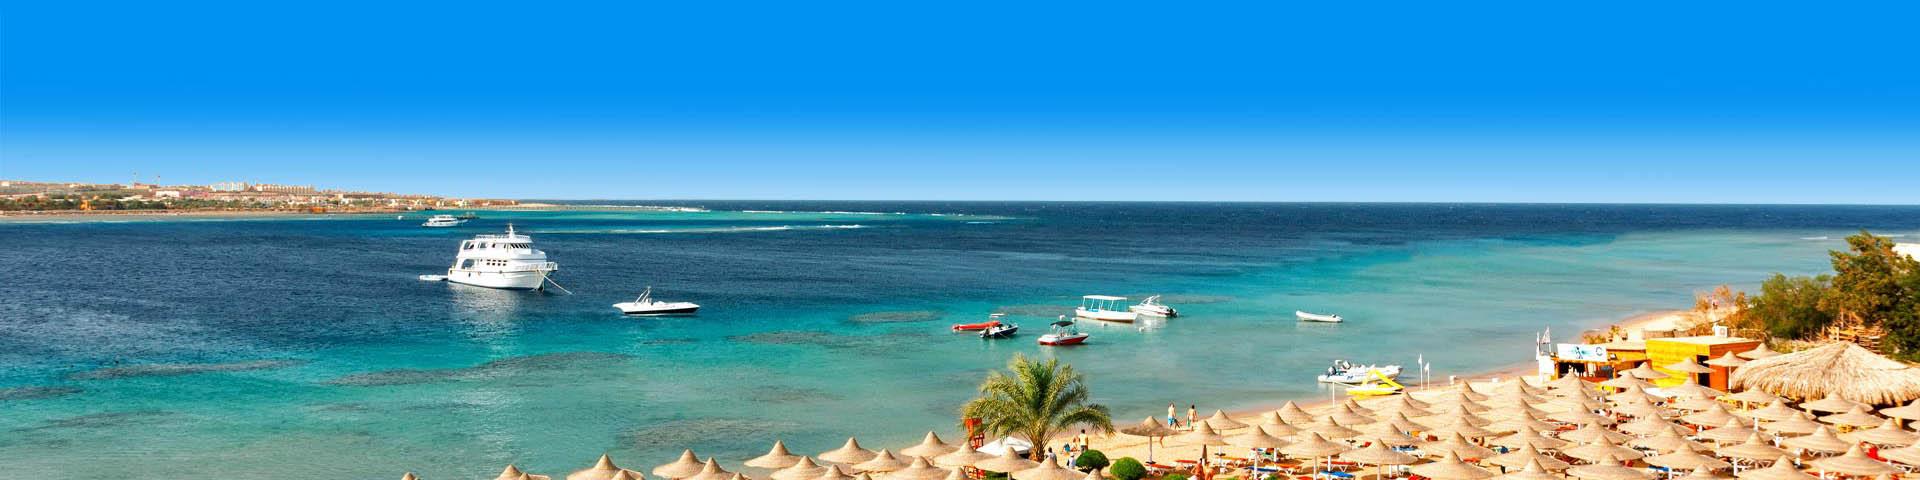 Uizicht over de blauwe zee en parasols in Makadi Bay